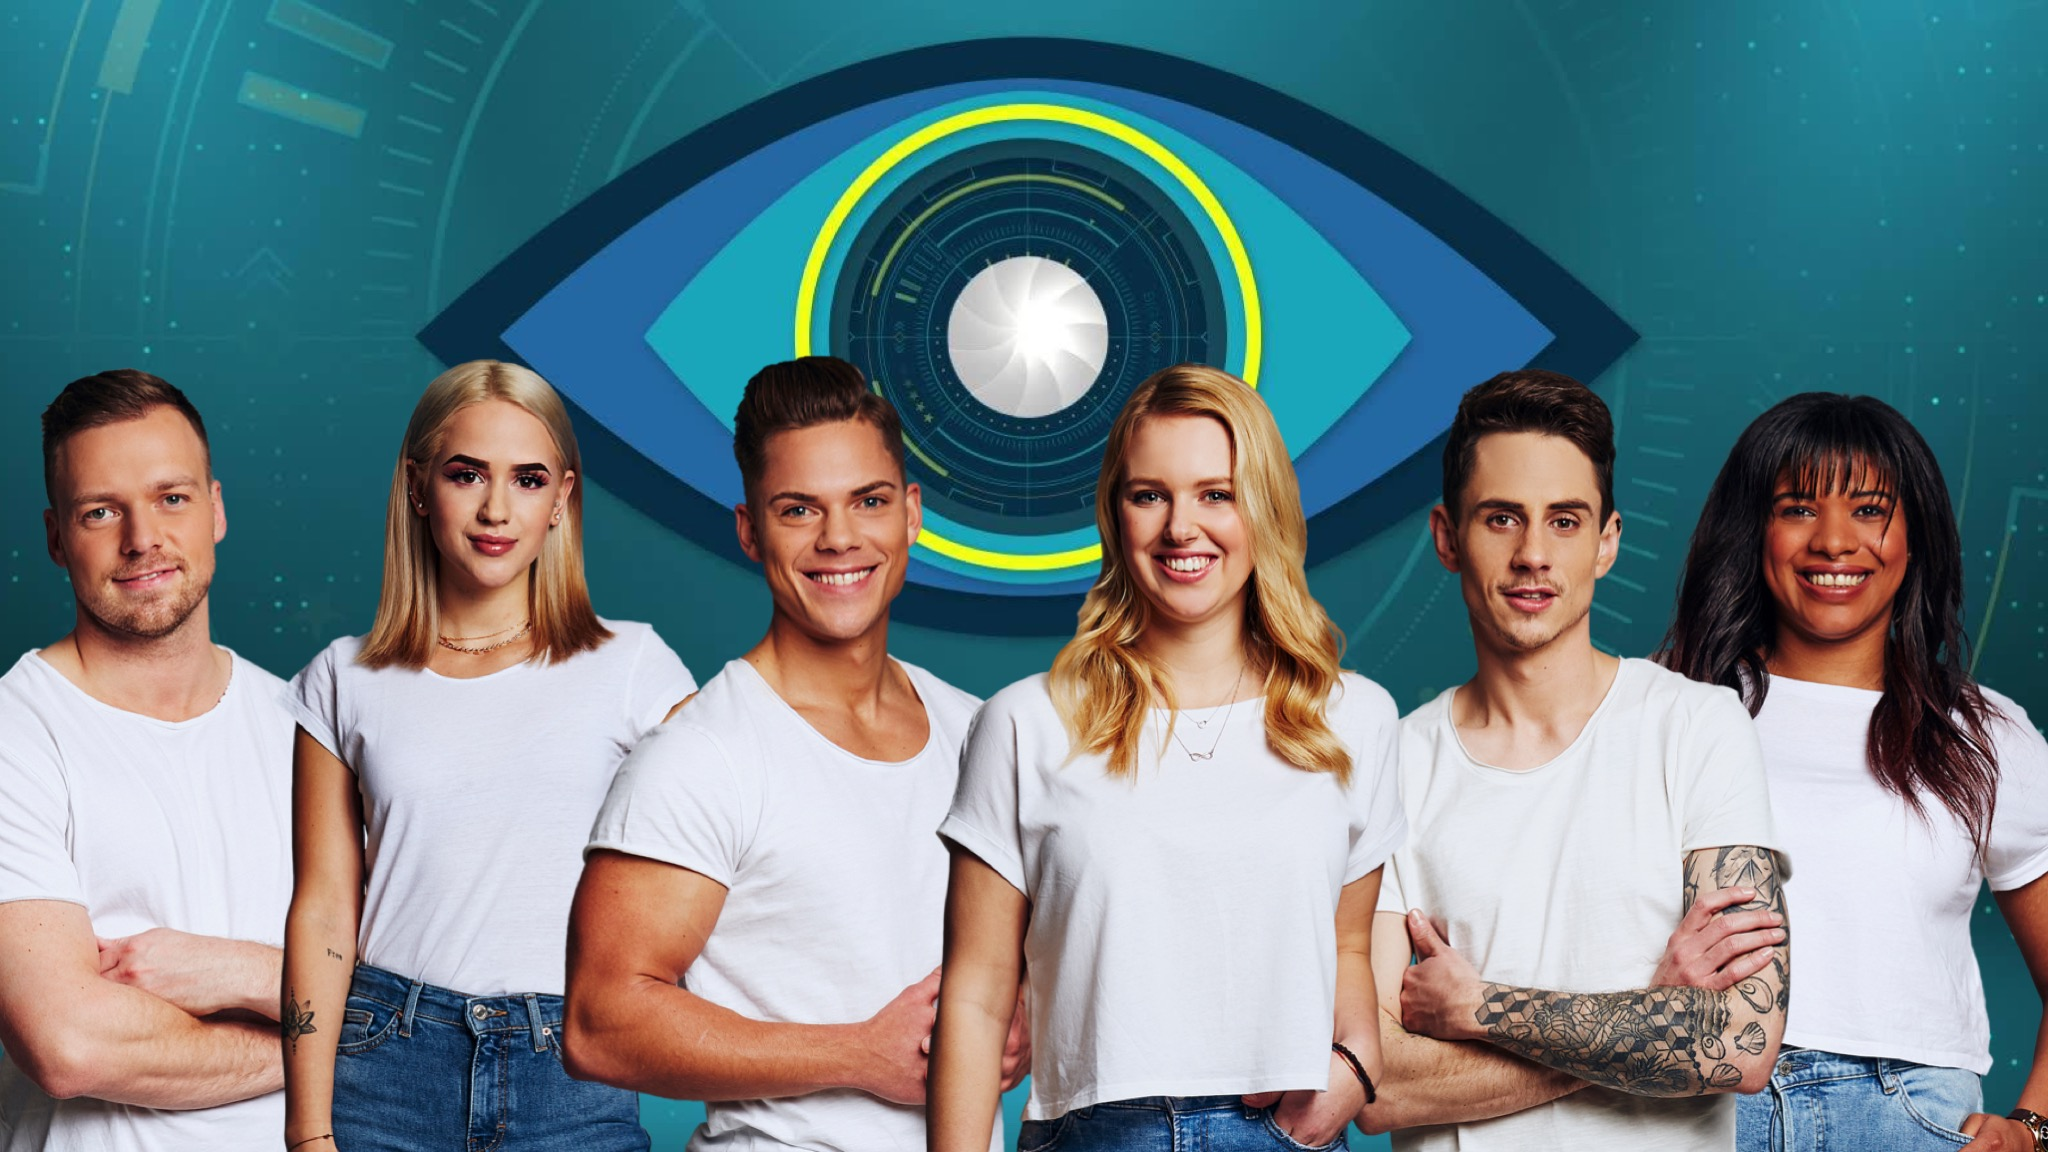 Big Brother 2020 Finale Sendezeit heute